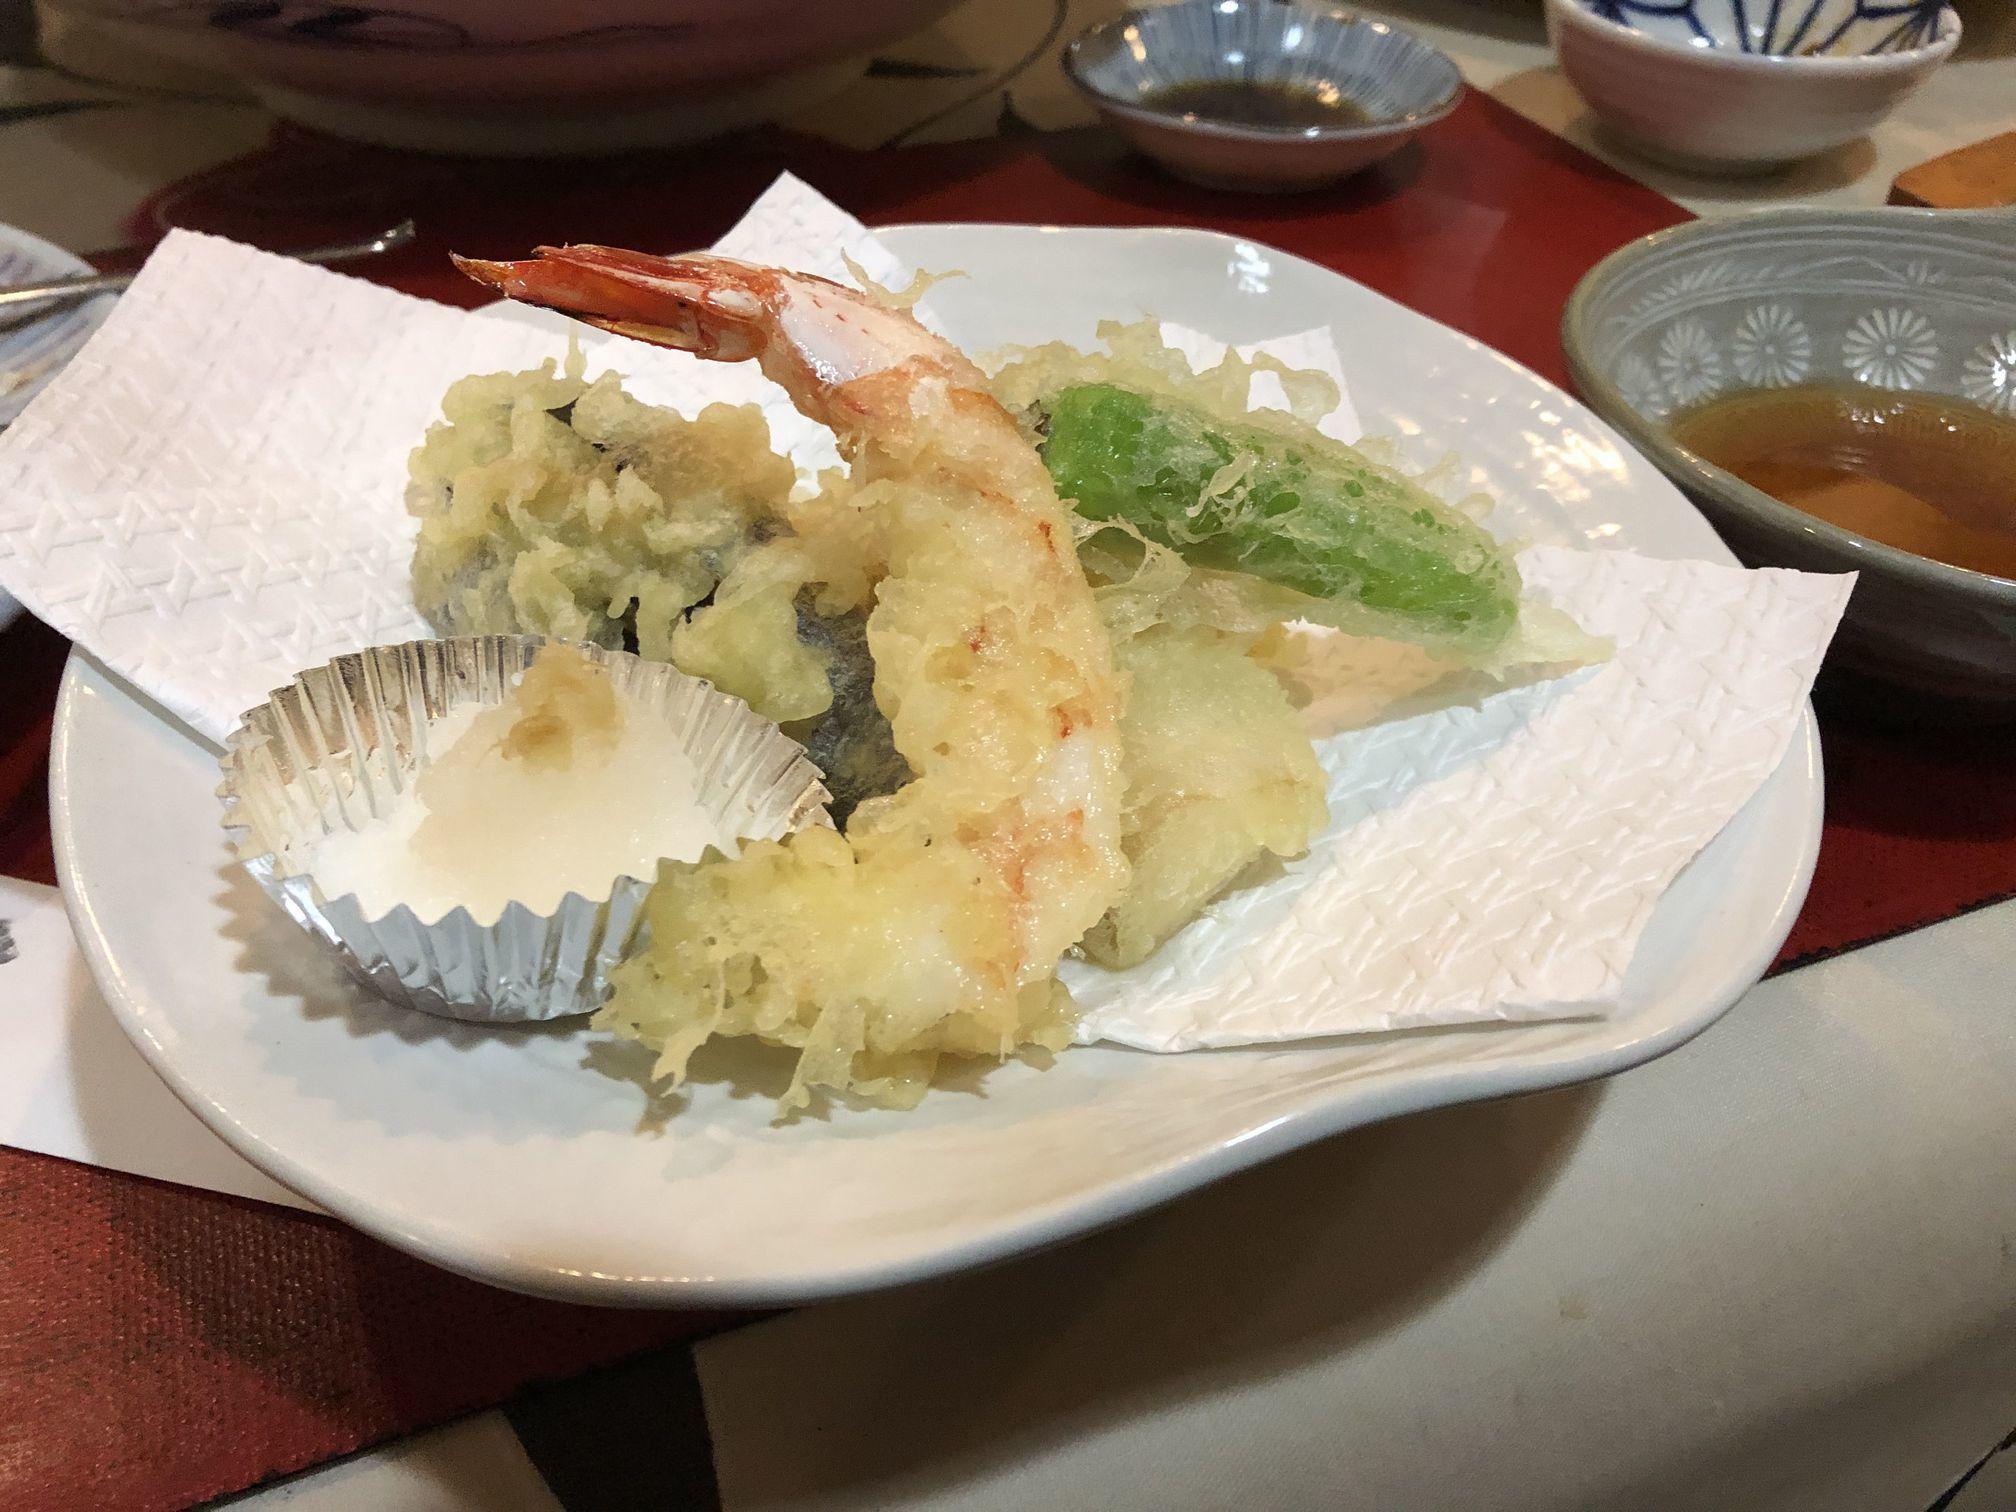 んまいもんシリーズ 2019年 群馬~岐阜~石川県旅行編_f0128542_02182179.jpg